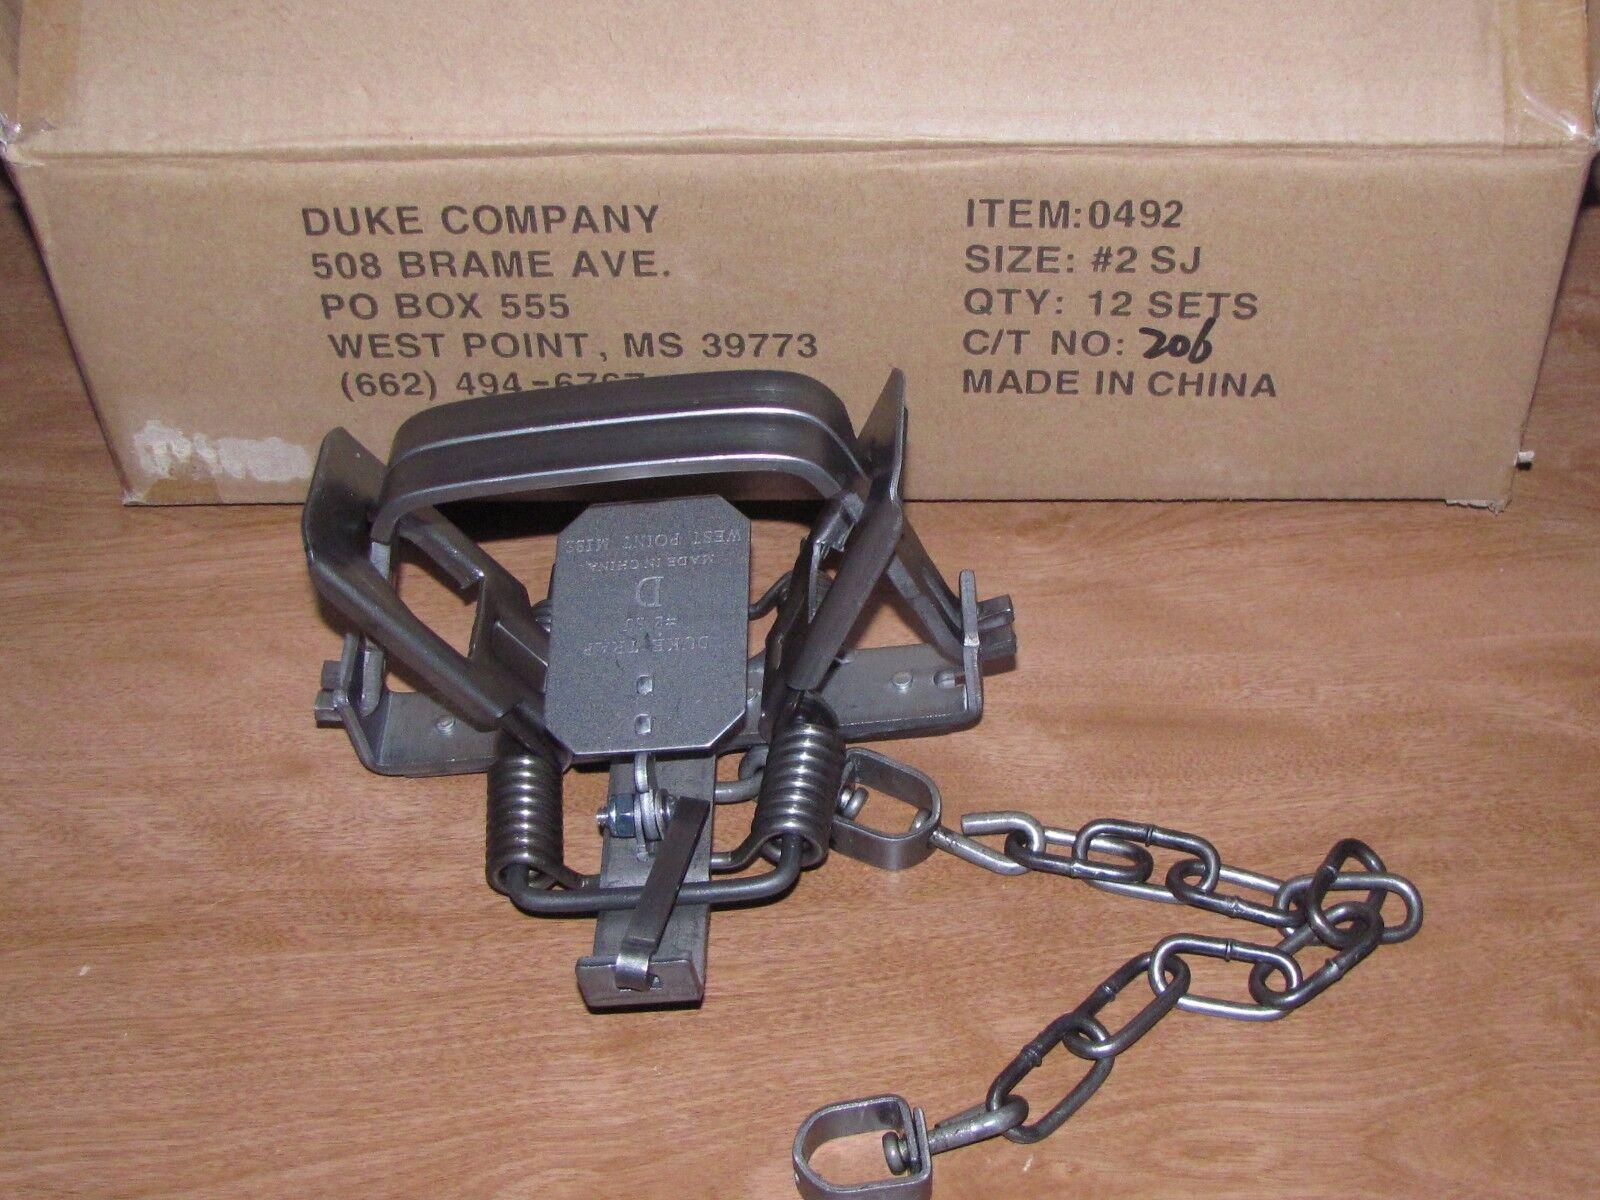 12 Duke   2 Cuadrado Cuadrado Cuadrado Jaw Muelle de trampa COYOTE BOBCAT Zorro Lince Dz 0492 (1) d88209